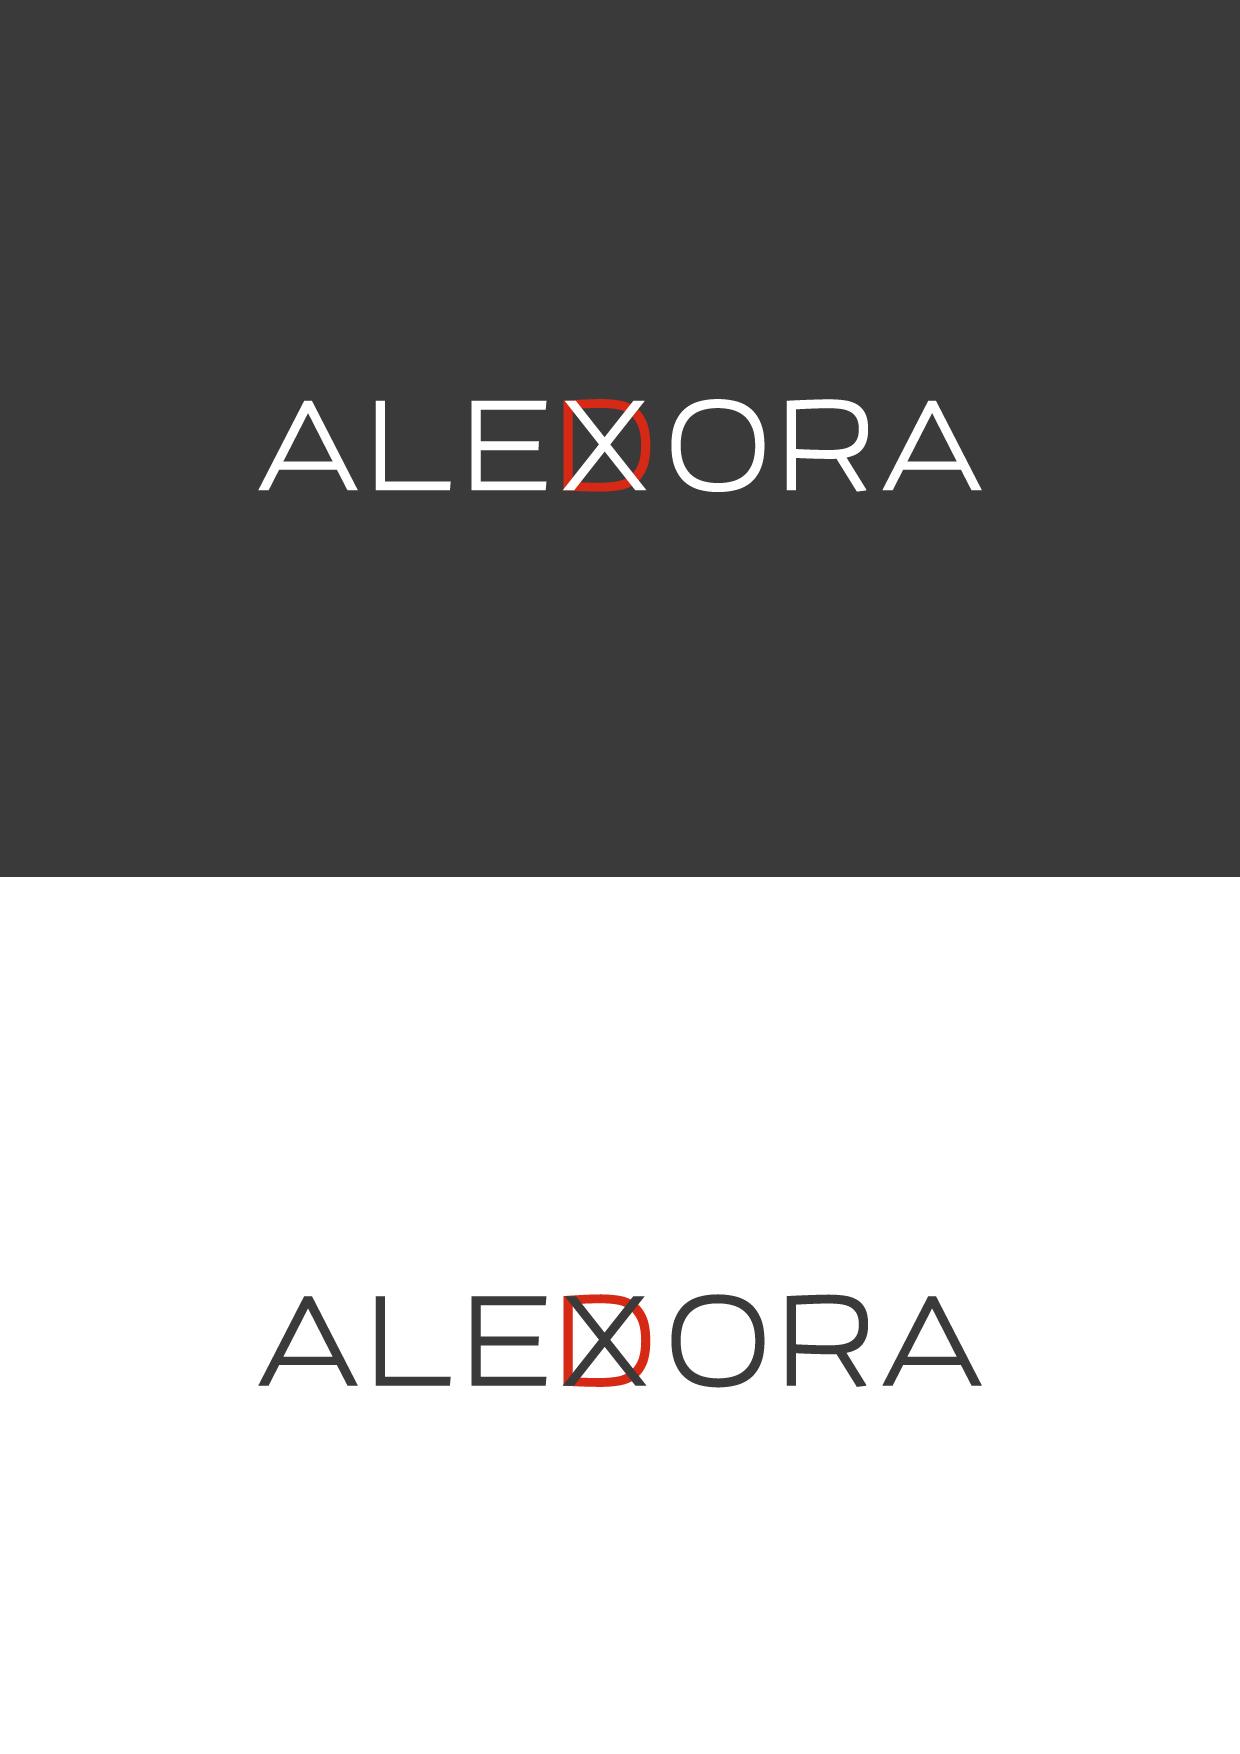 Необходим дизайнер для доработки логотипа бренда одежды фото f_4775b366de53850f.jpg